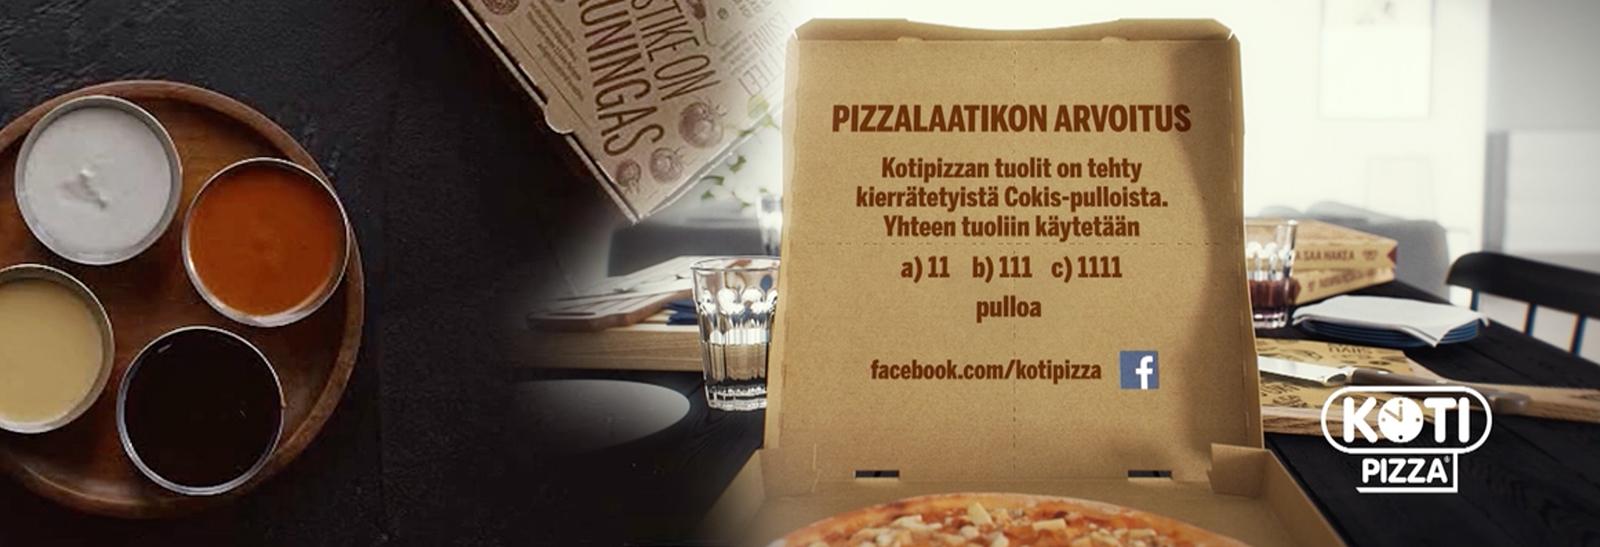 case-kotipizza-1